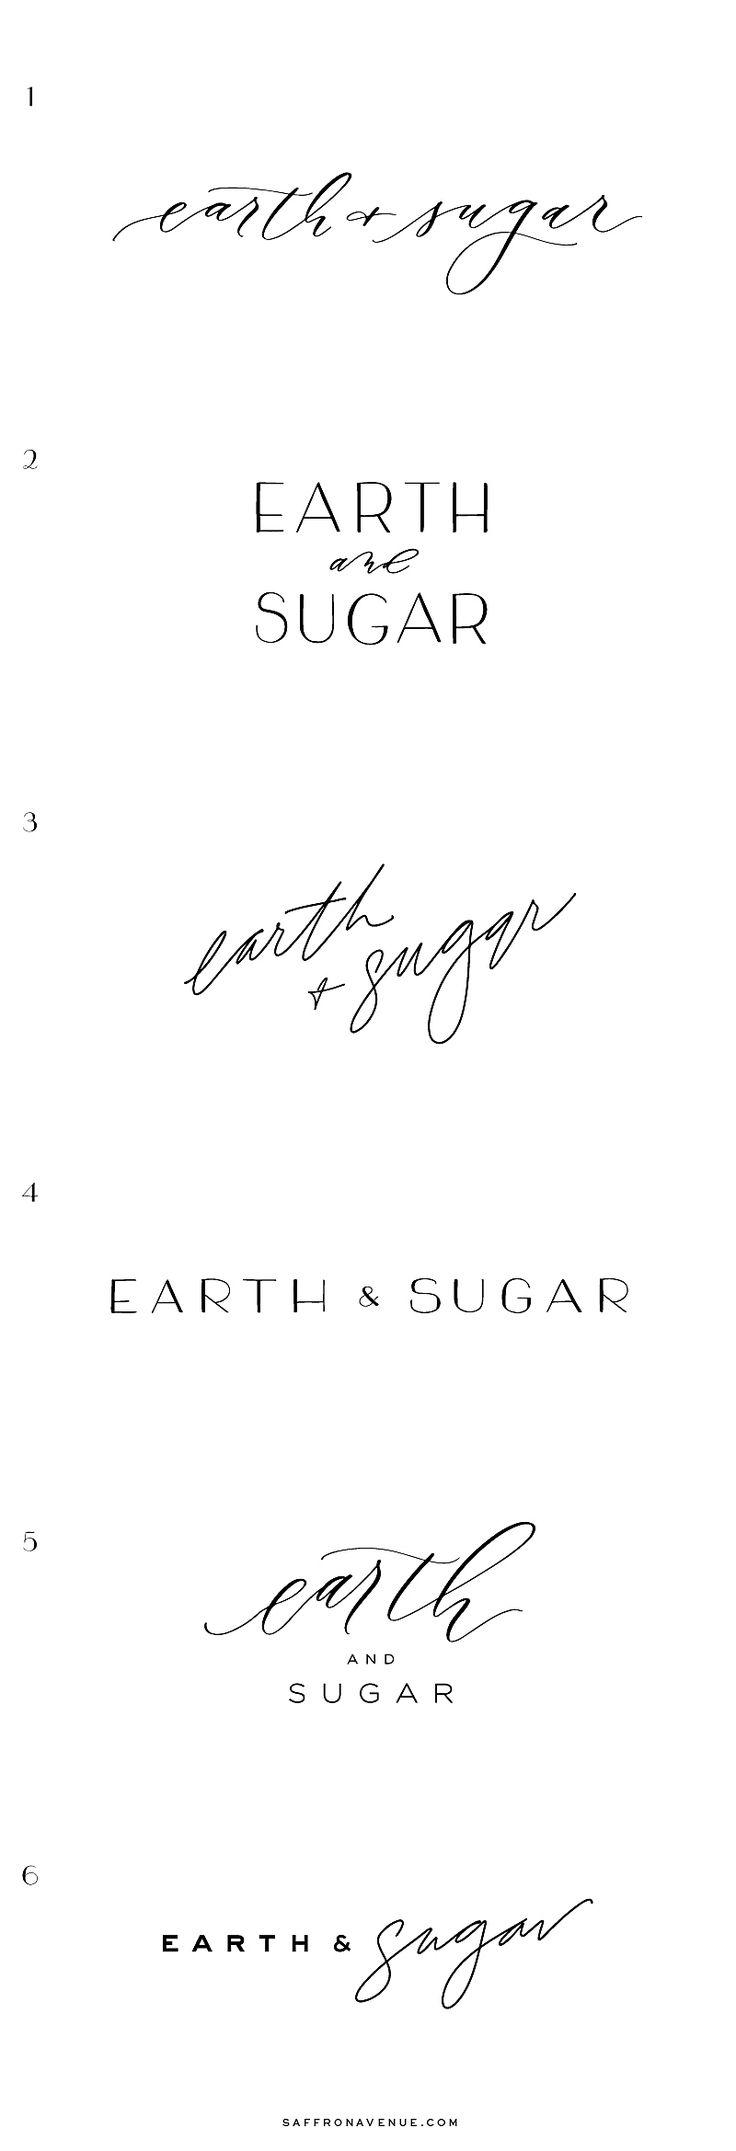 Modern Brand and Website Design for Earth & Sugar - Saffron Avenue : Saffron Avenue